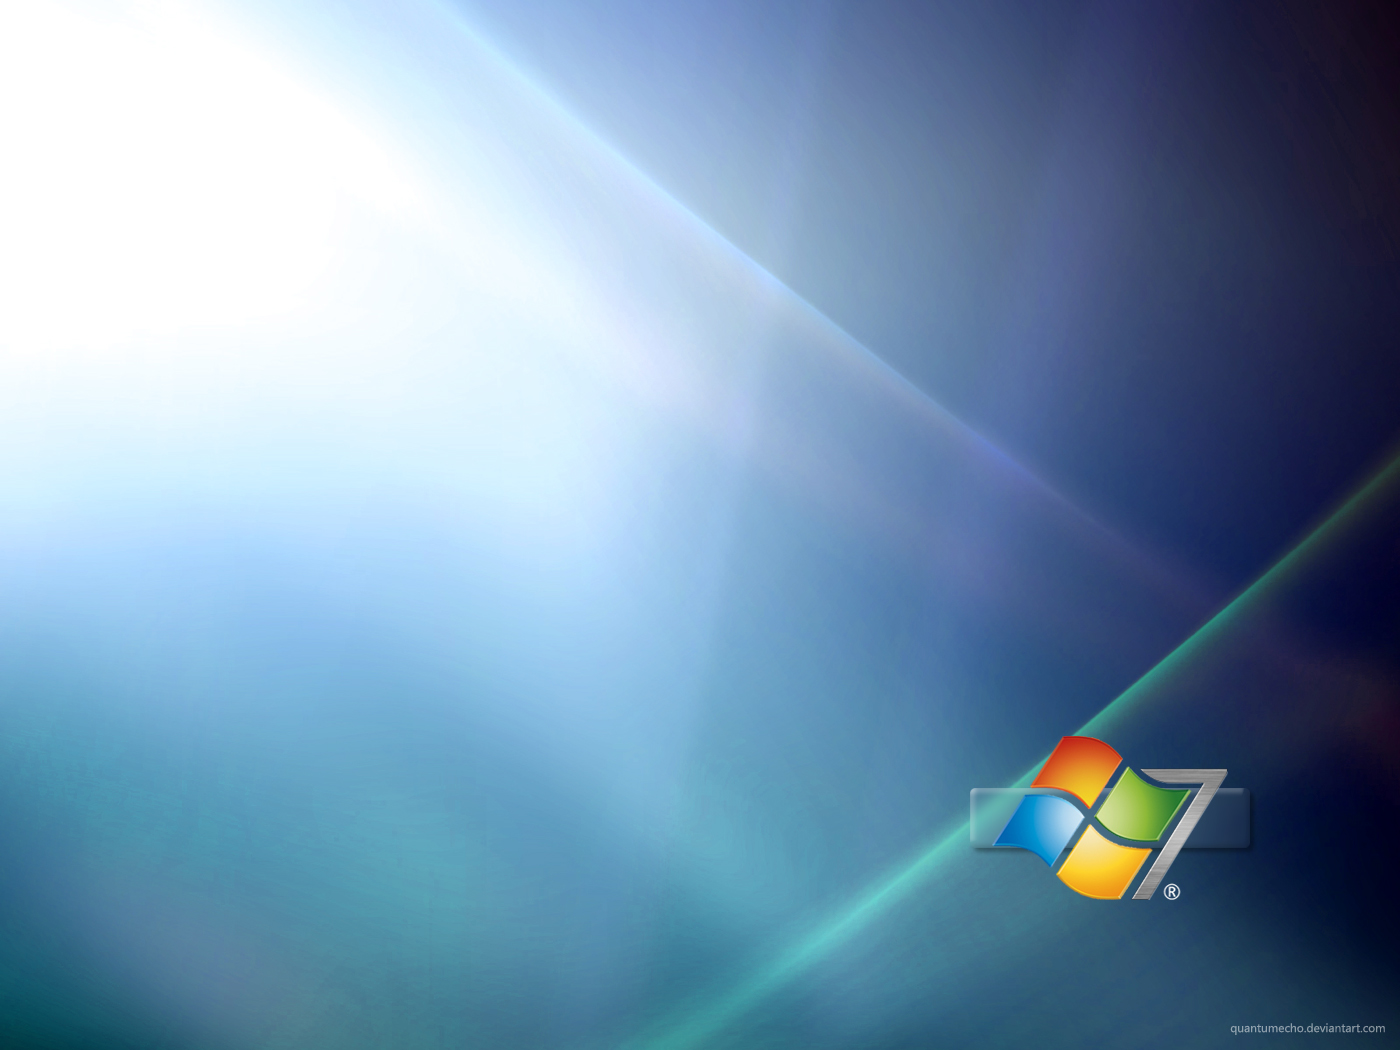 window 7 HD Wallpaper: HD Wallpapers of Windows 7